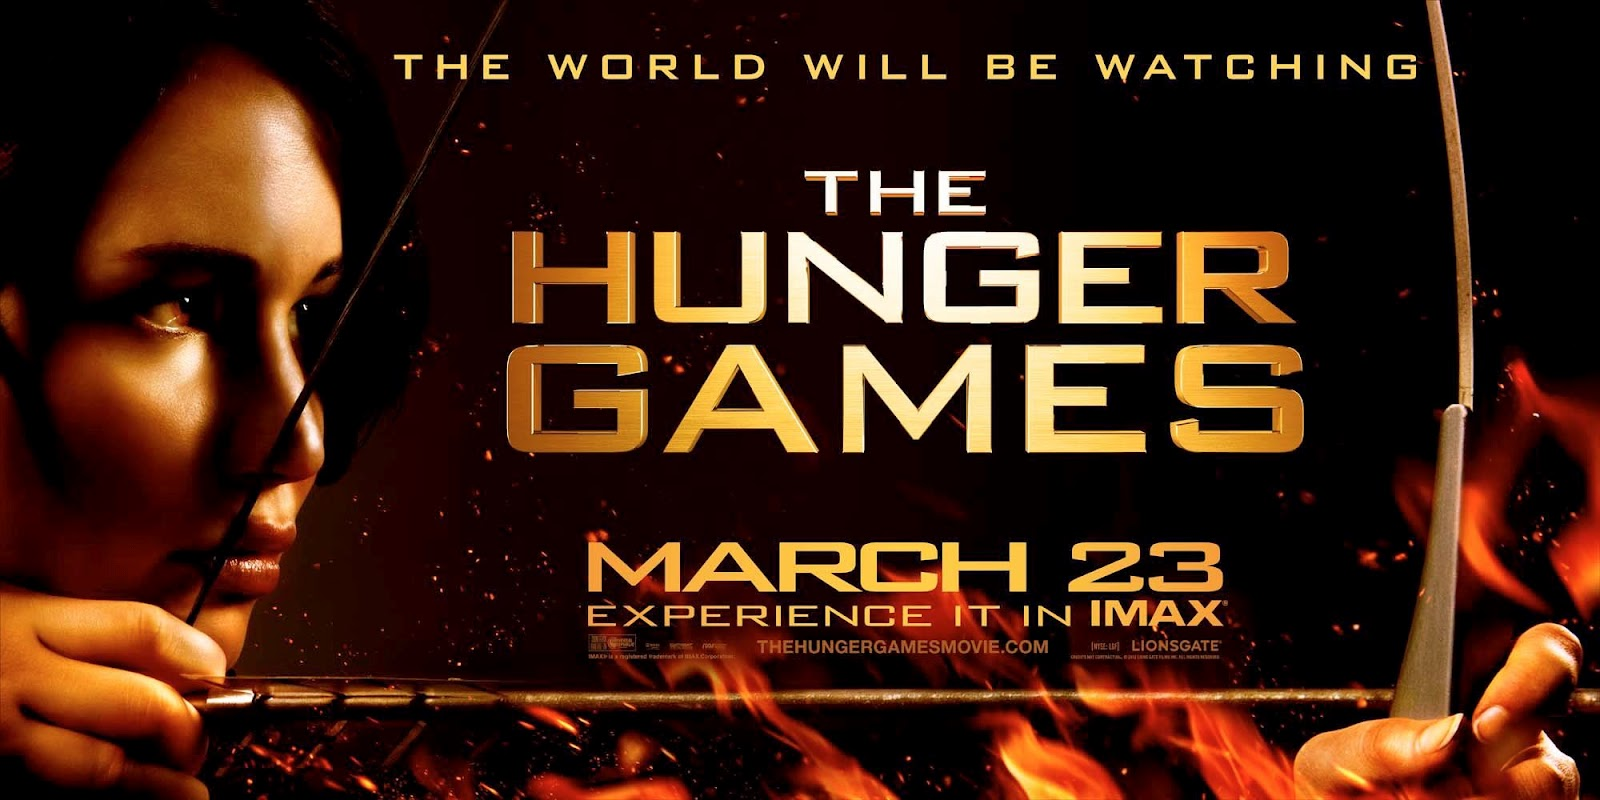 http://4.bp.blogspot.com/-zHAmwa6bzOw/T0i-s5B0LdI/AAAAAAAAApk/Nz6ZYda8Gig/s1600/hunger_games_ver25_xxlg.jpg